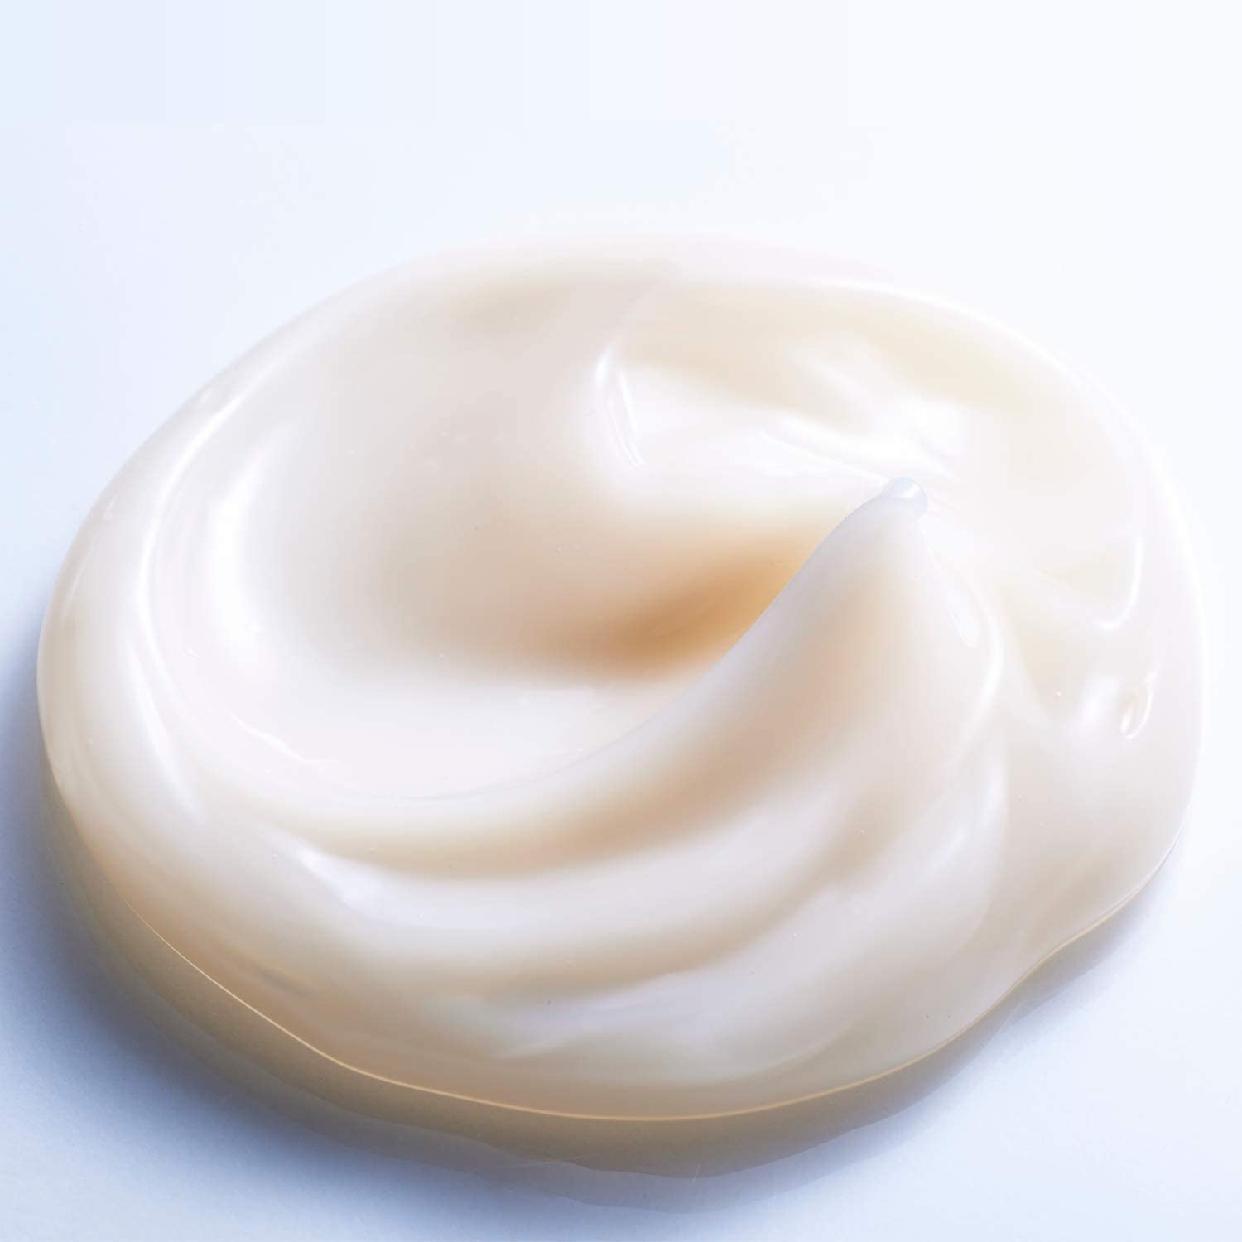 DECENCIA(ディセンシア)アヤナス クリーム コンセントレートクリームの商品画像2